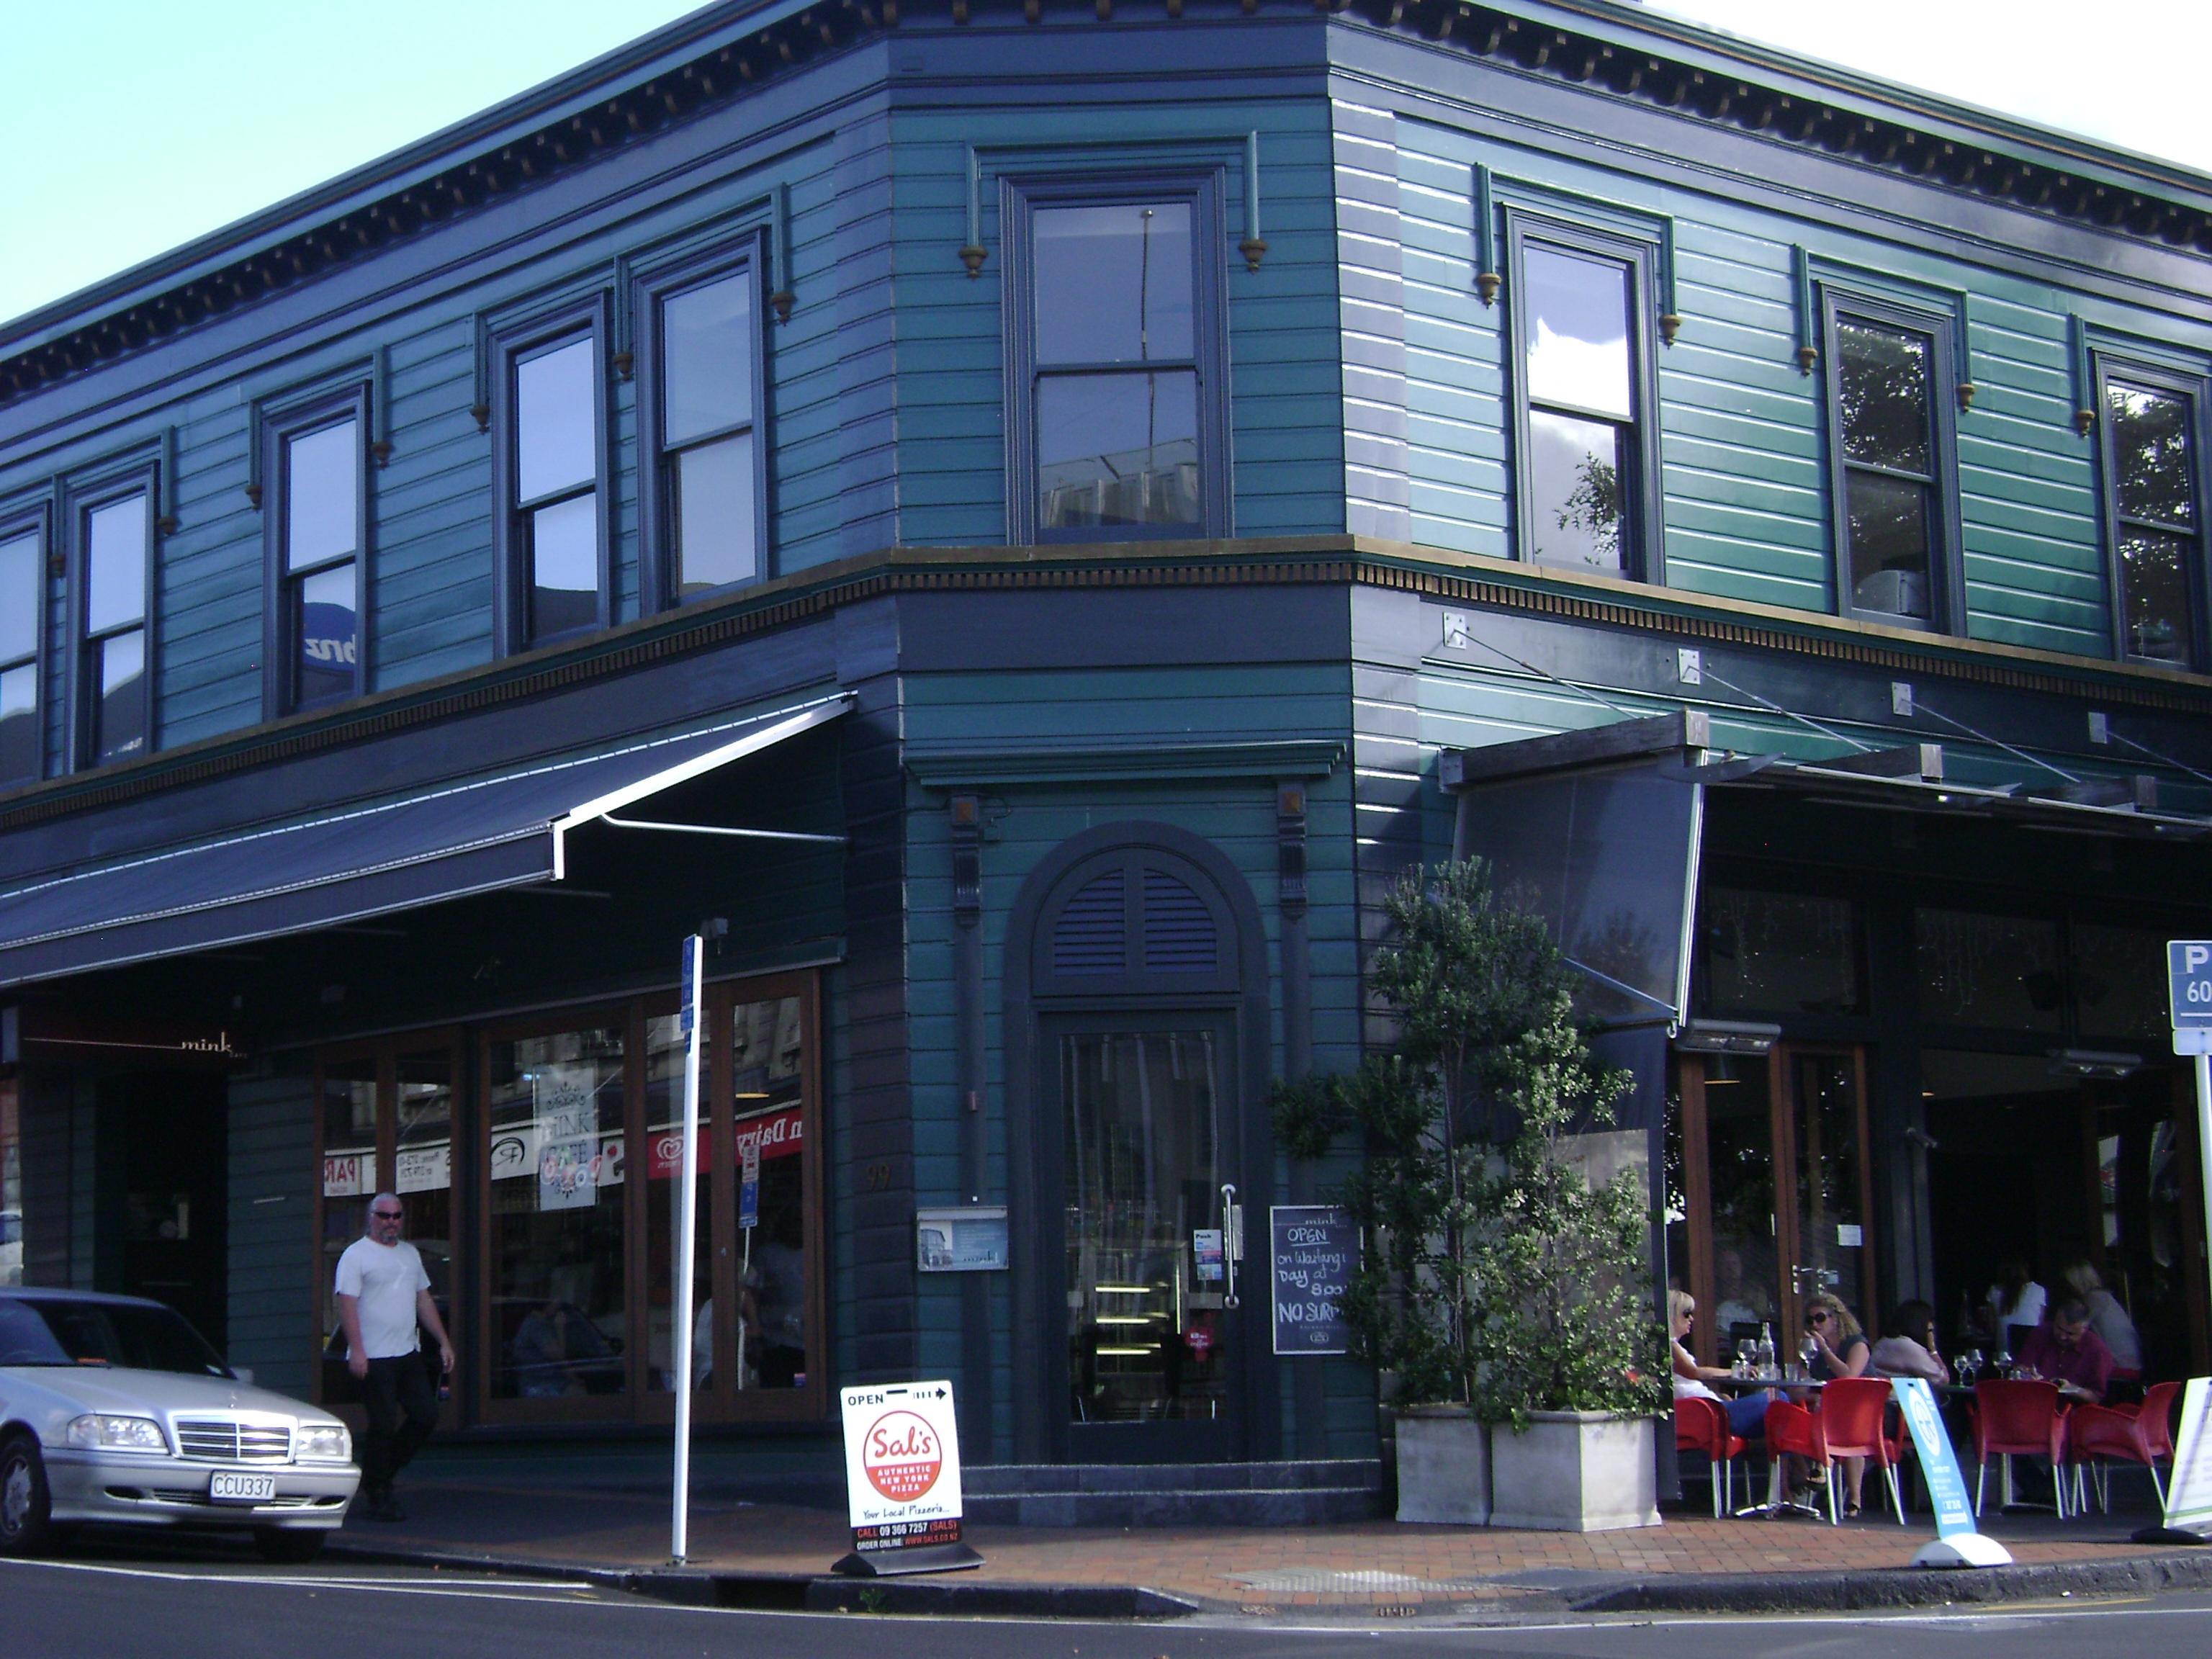 Mink Cafe